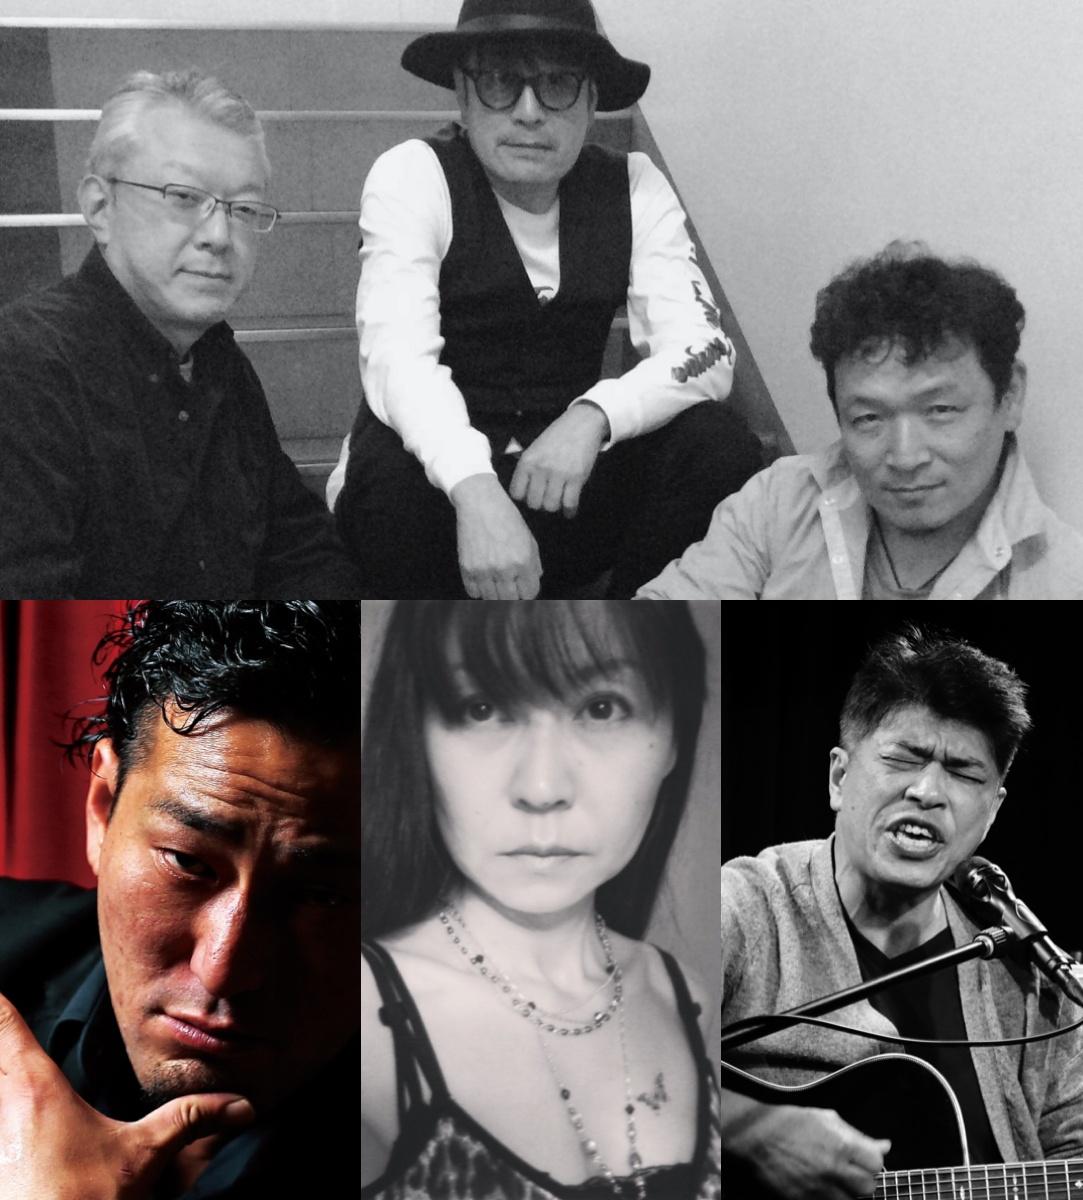 『この世は、すべてが舞台~All the world's a stage~』出演:The Rising / 豊田ヒデノリ / フレイヤ / 栁下学